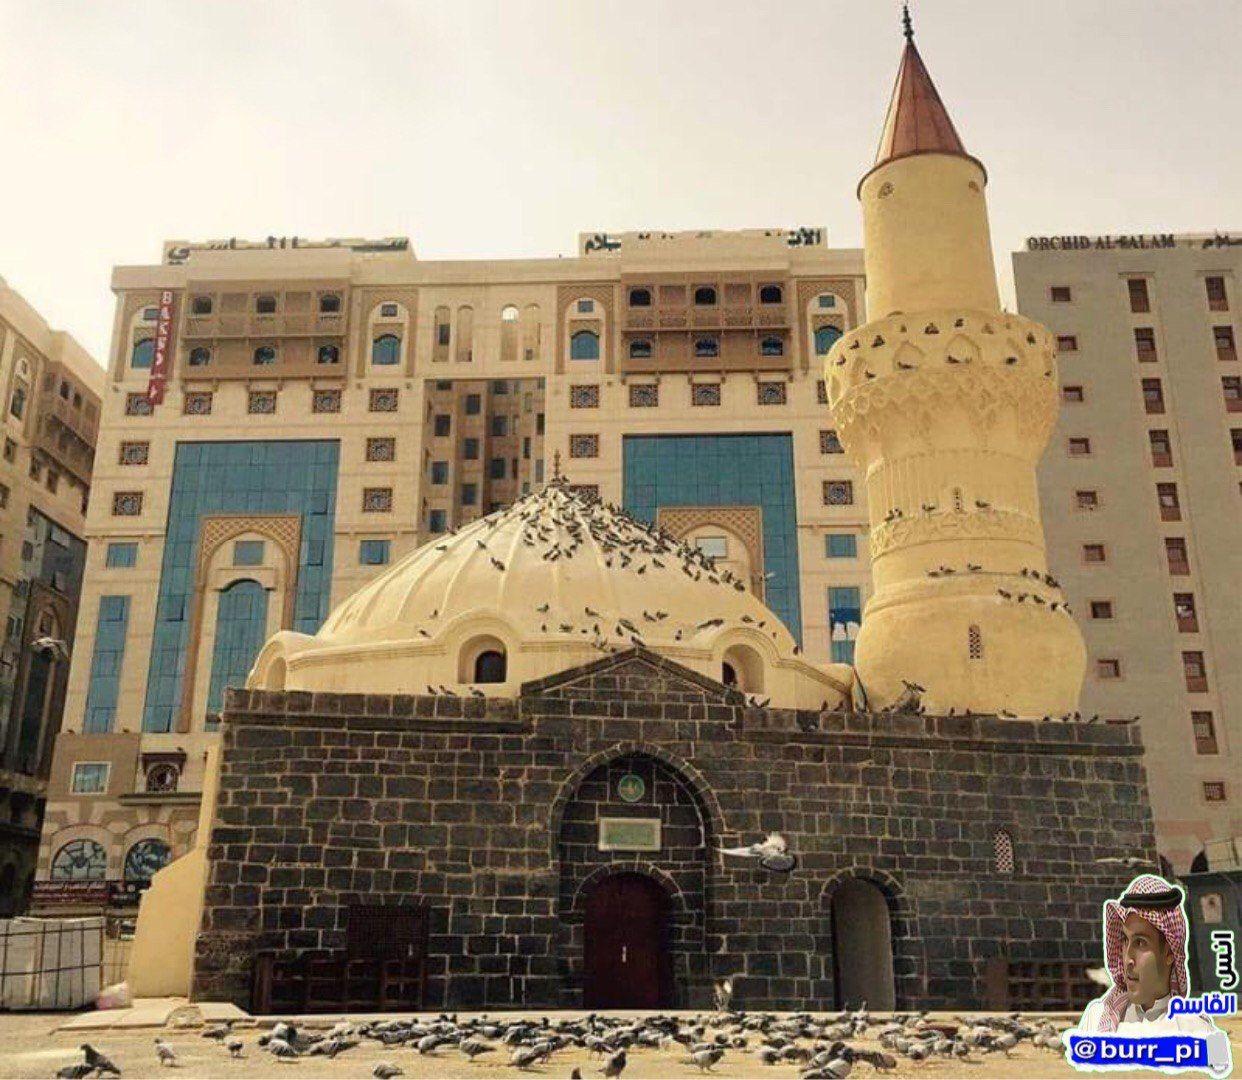 مسجد أبو بكر الصديق يقع في الجهة الغربية الجنوبية للمسجد النبوي الشريف في المدينة المنورة يعد أحد أهم المساجد التاريخية التي ا Taj Mahal Landmarks Louvre